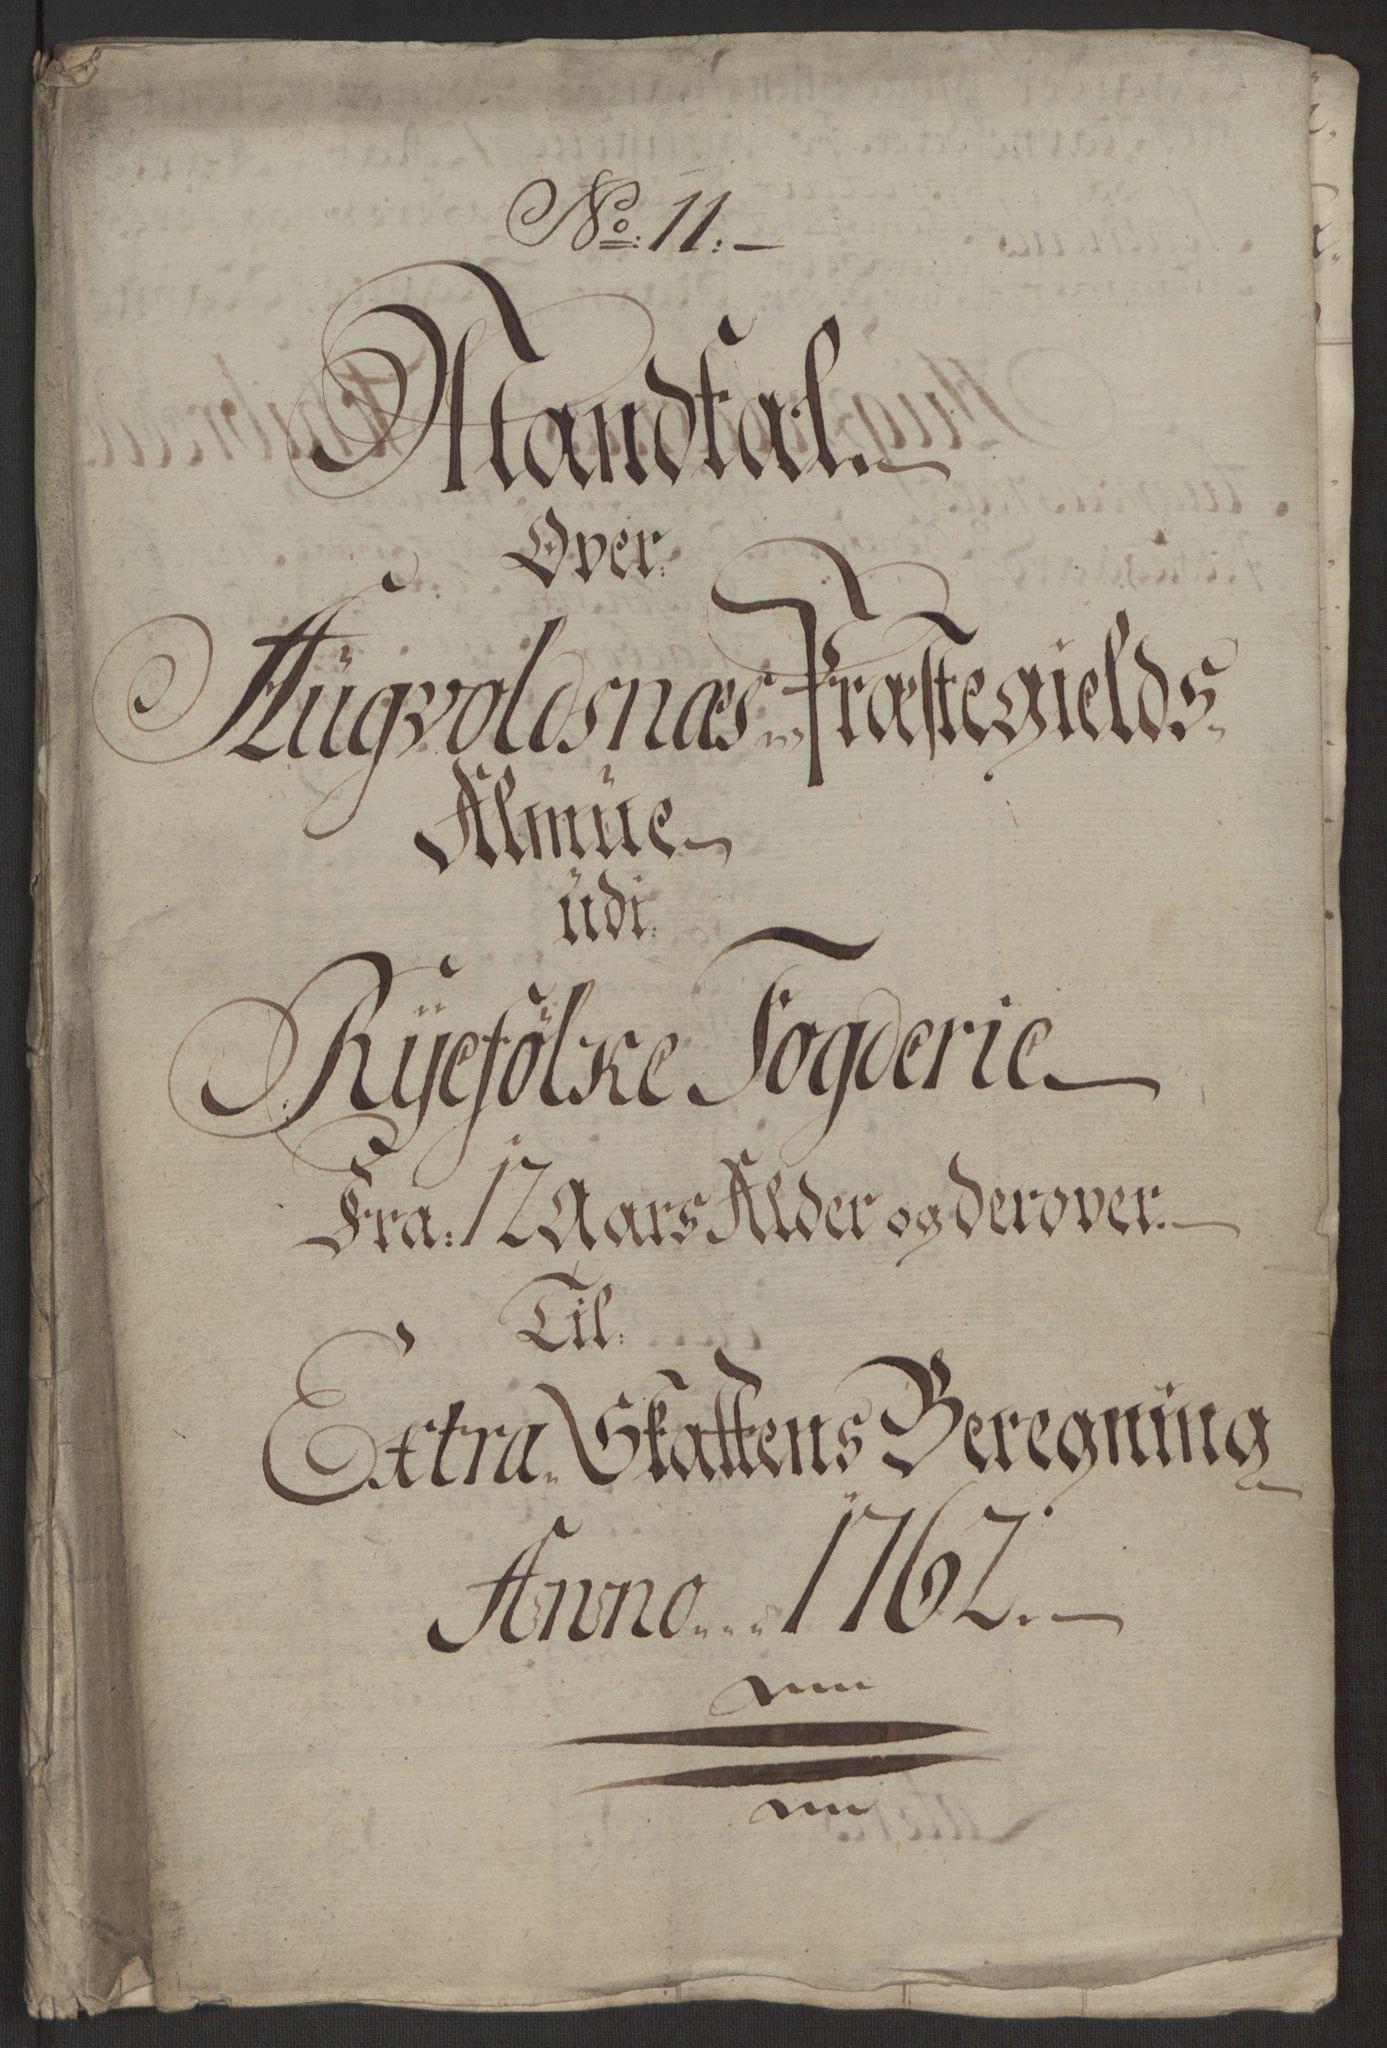 RA, Rentekammeret inntil 1814, Reviderte regnskaper, Hovedkasseregnskaper, Rf/L0072b: Ekstraskatteregnskap, 1762, s. 499